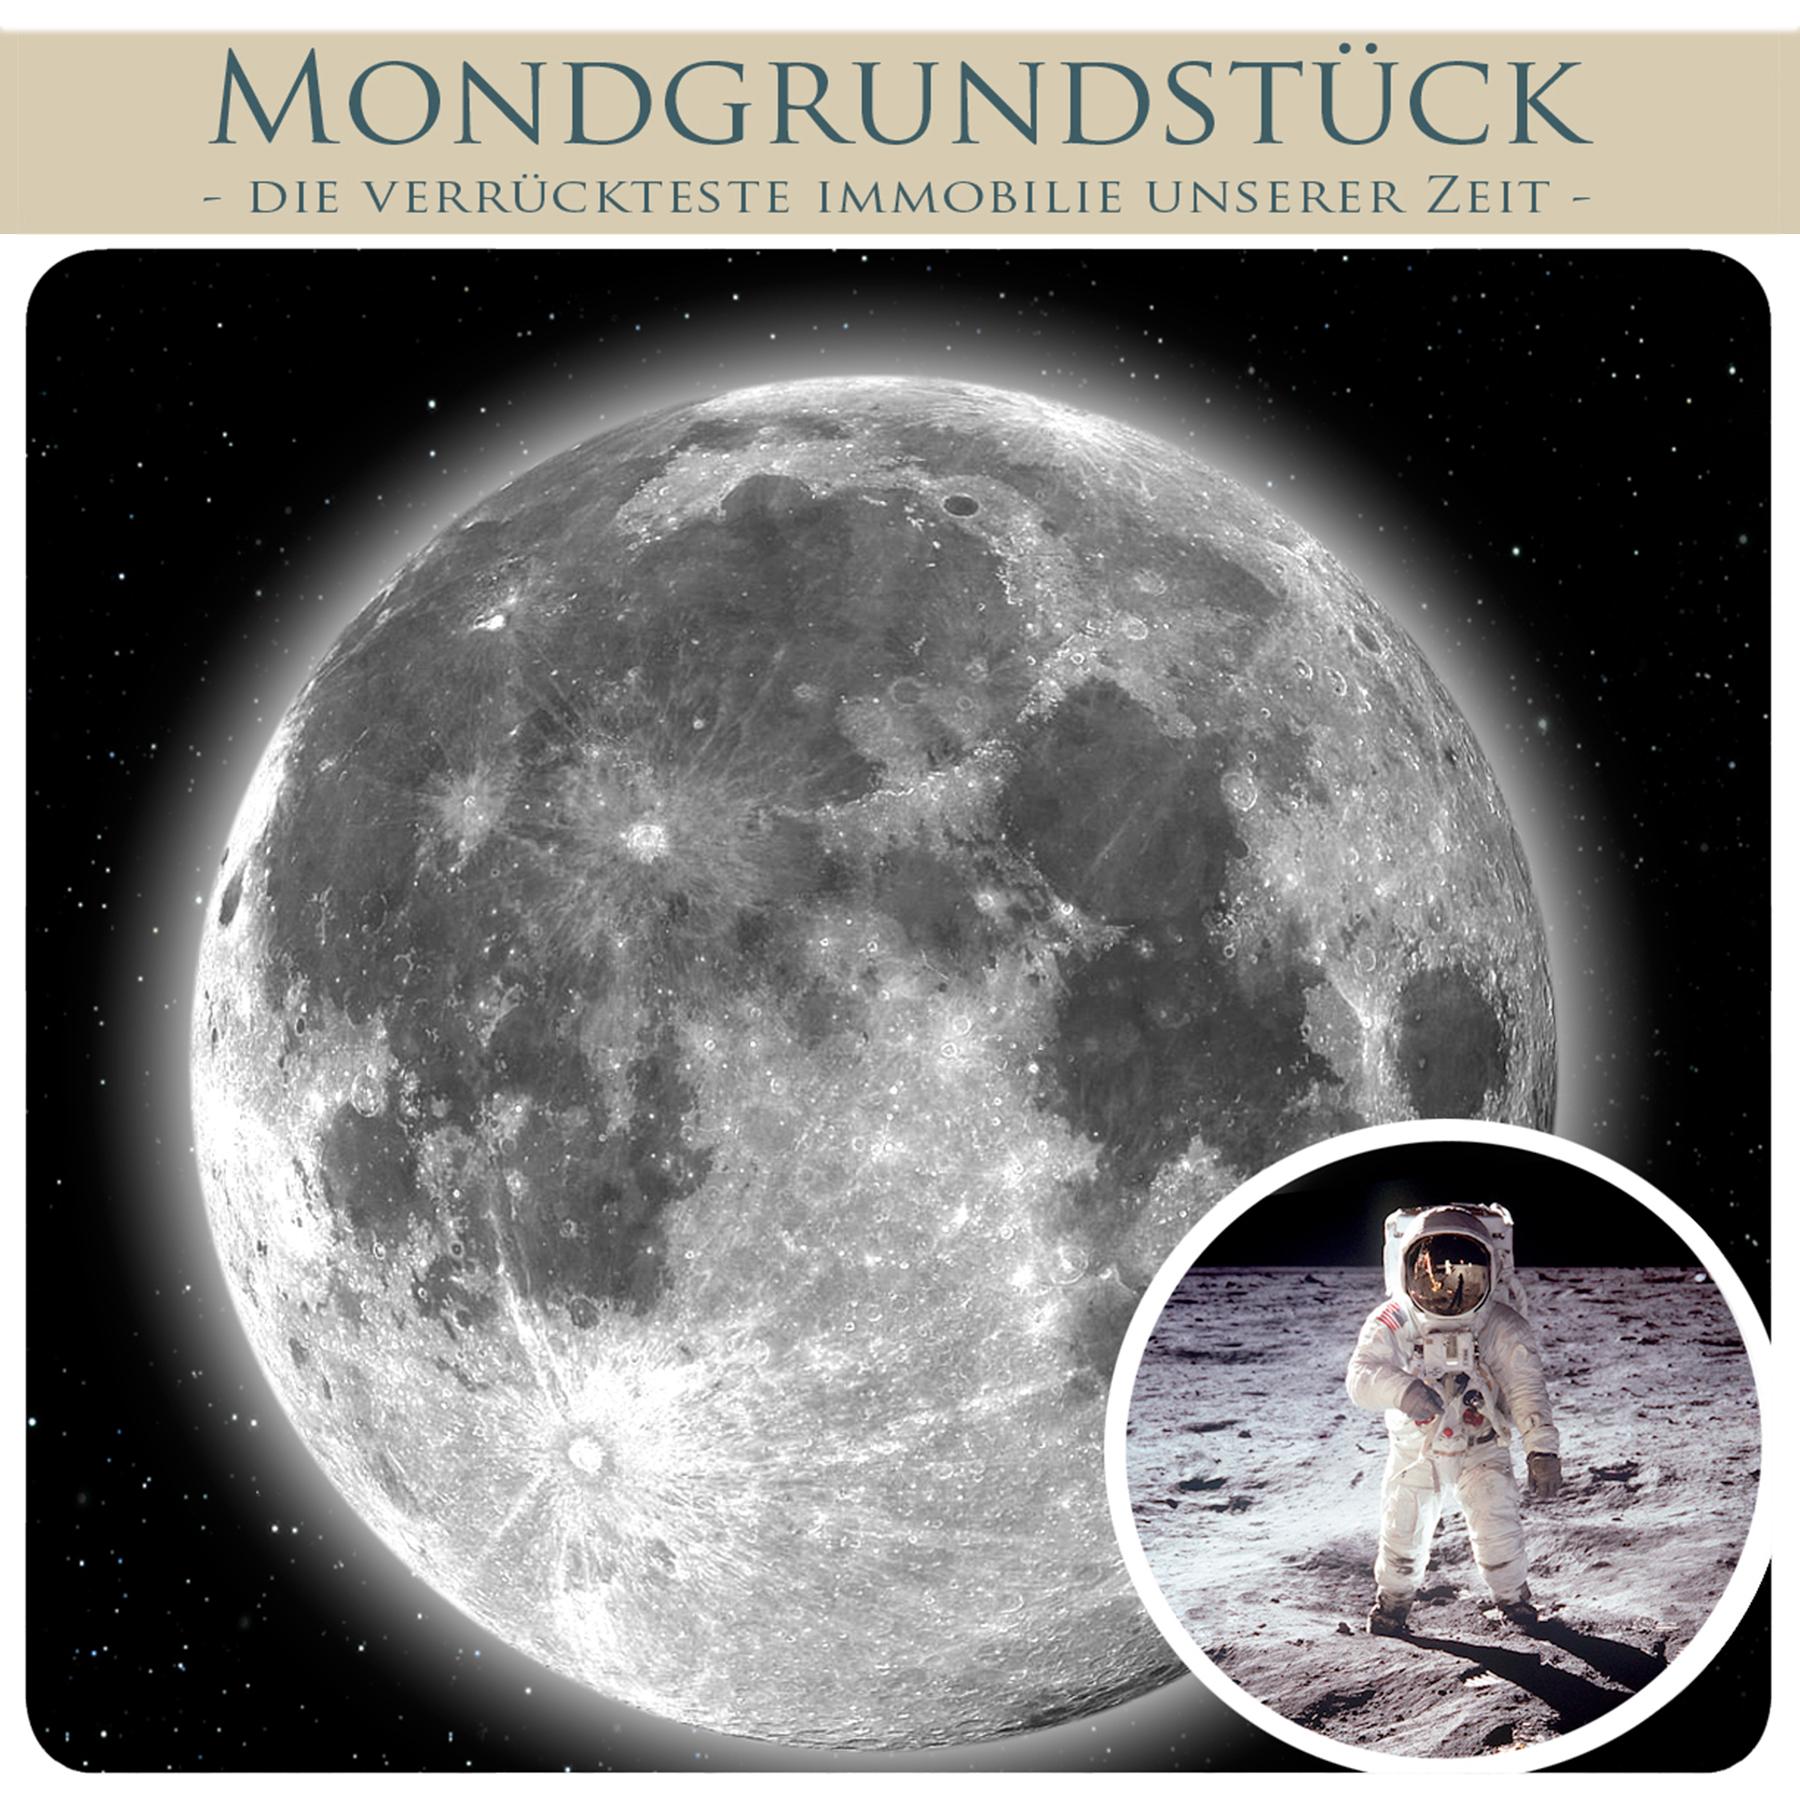 Mond-Grundstück - 2